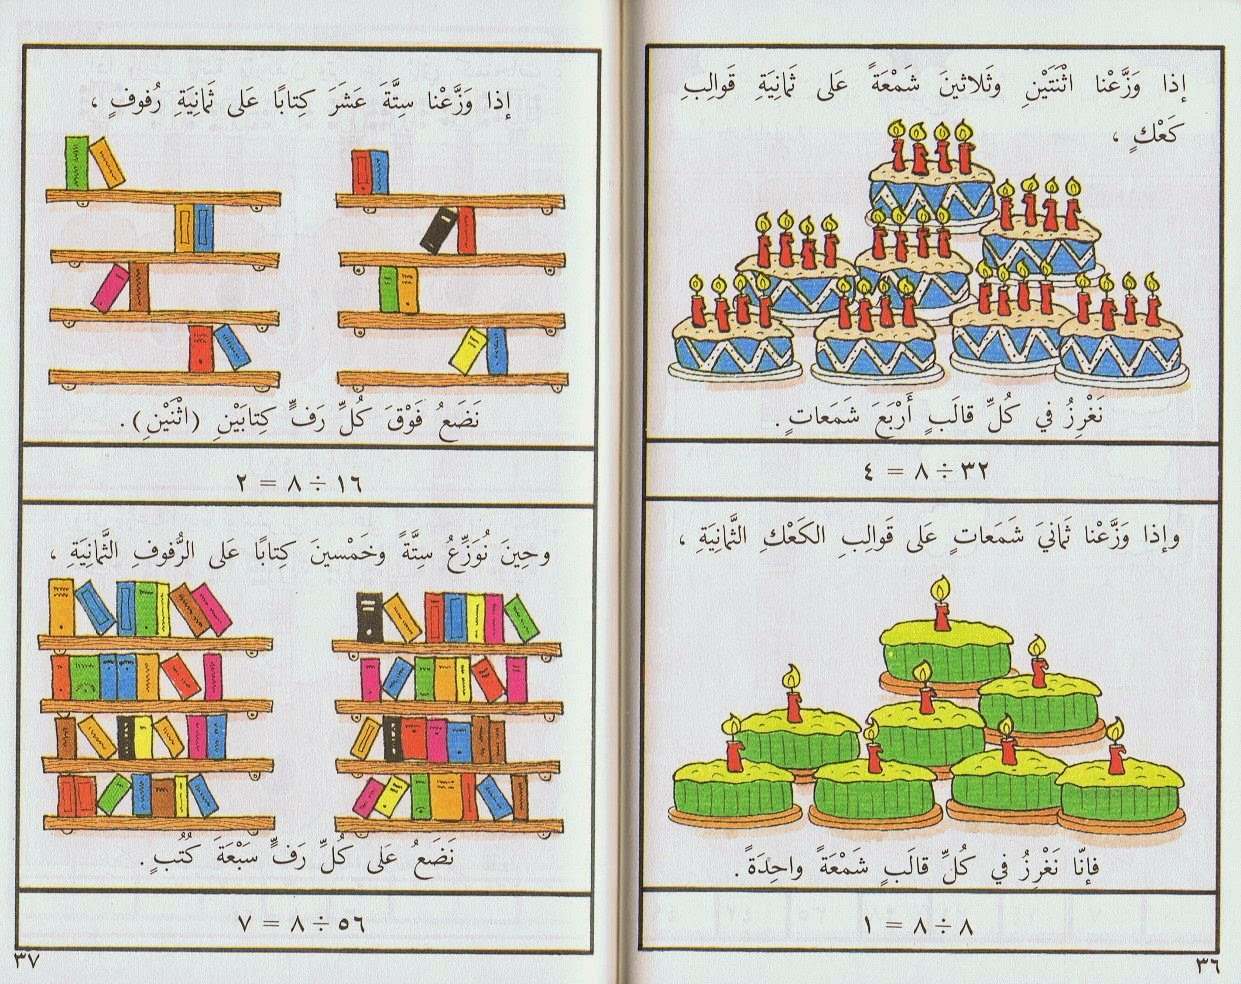 كتاب تعليم القسمة لأطفال الصف الثالث بالألوان الطبيعية 2015 CCI05062012_00048-00